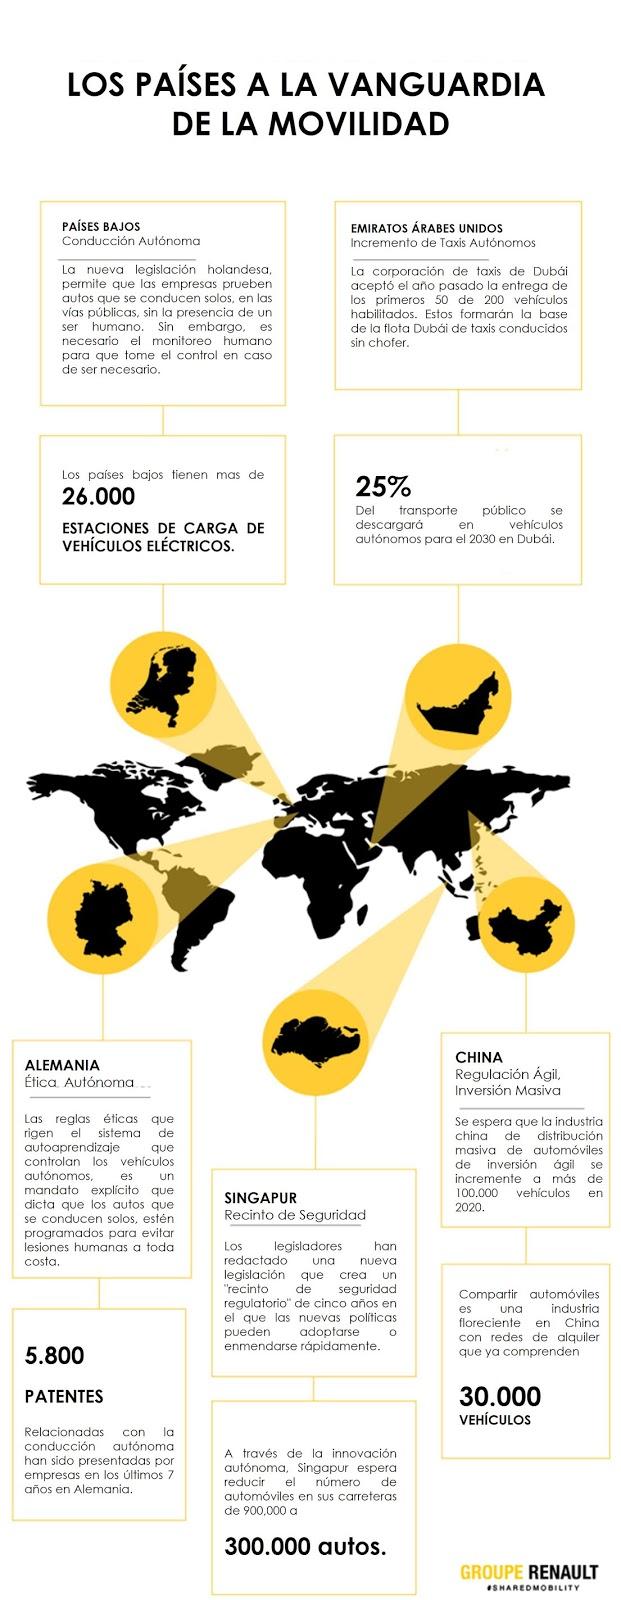 Los países a la vanguardia de la movilidad